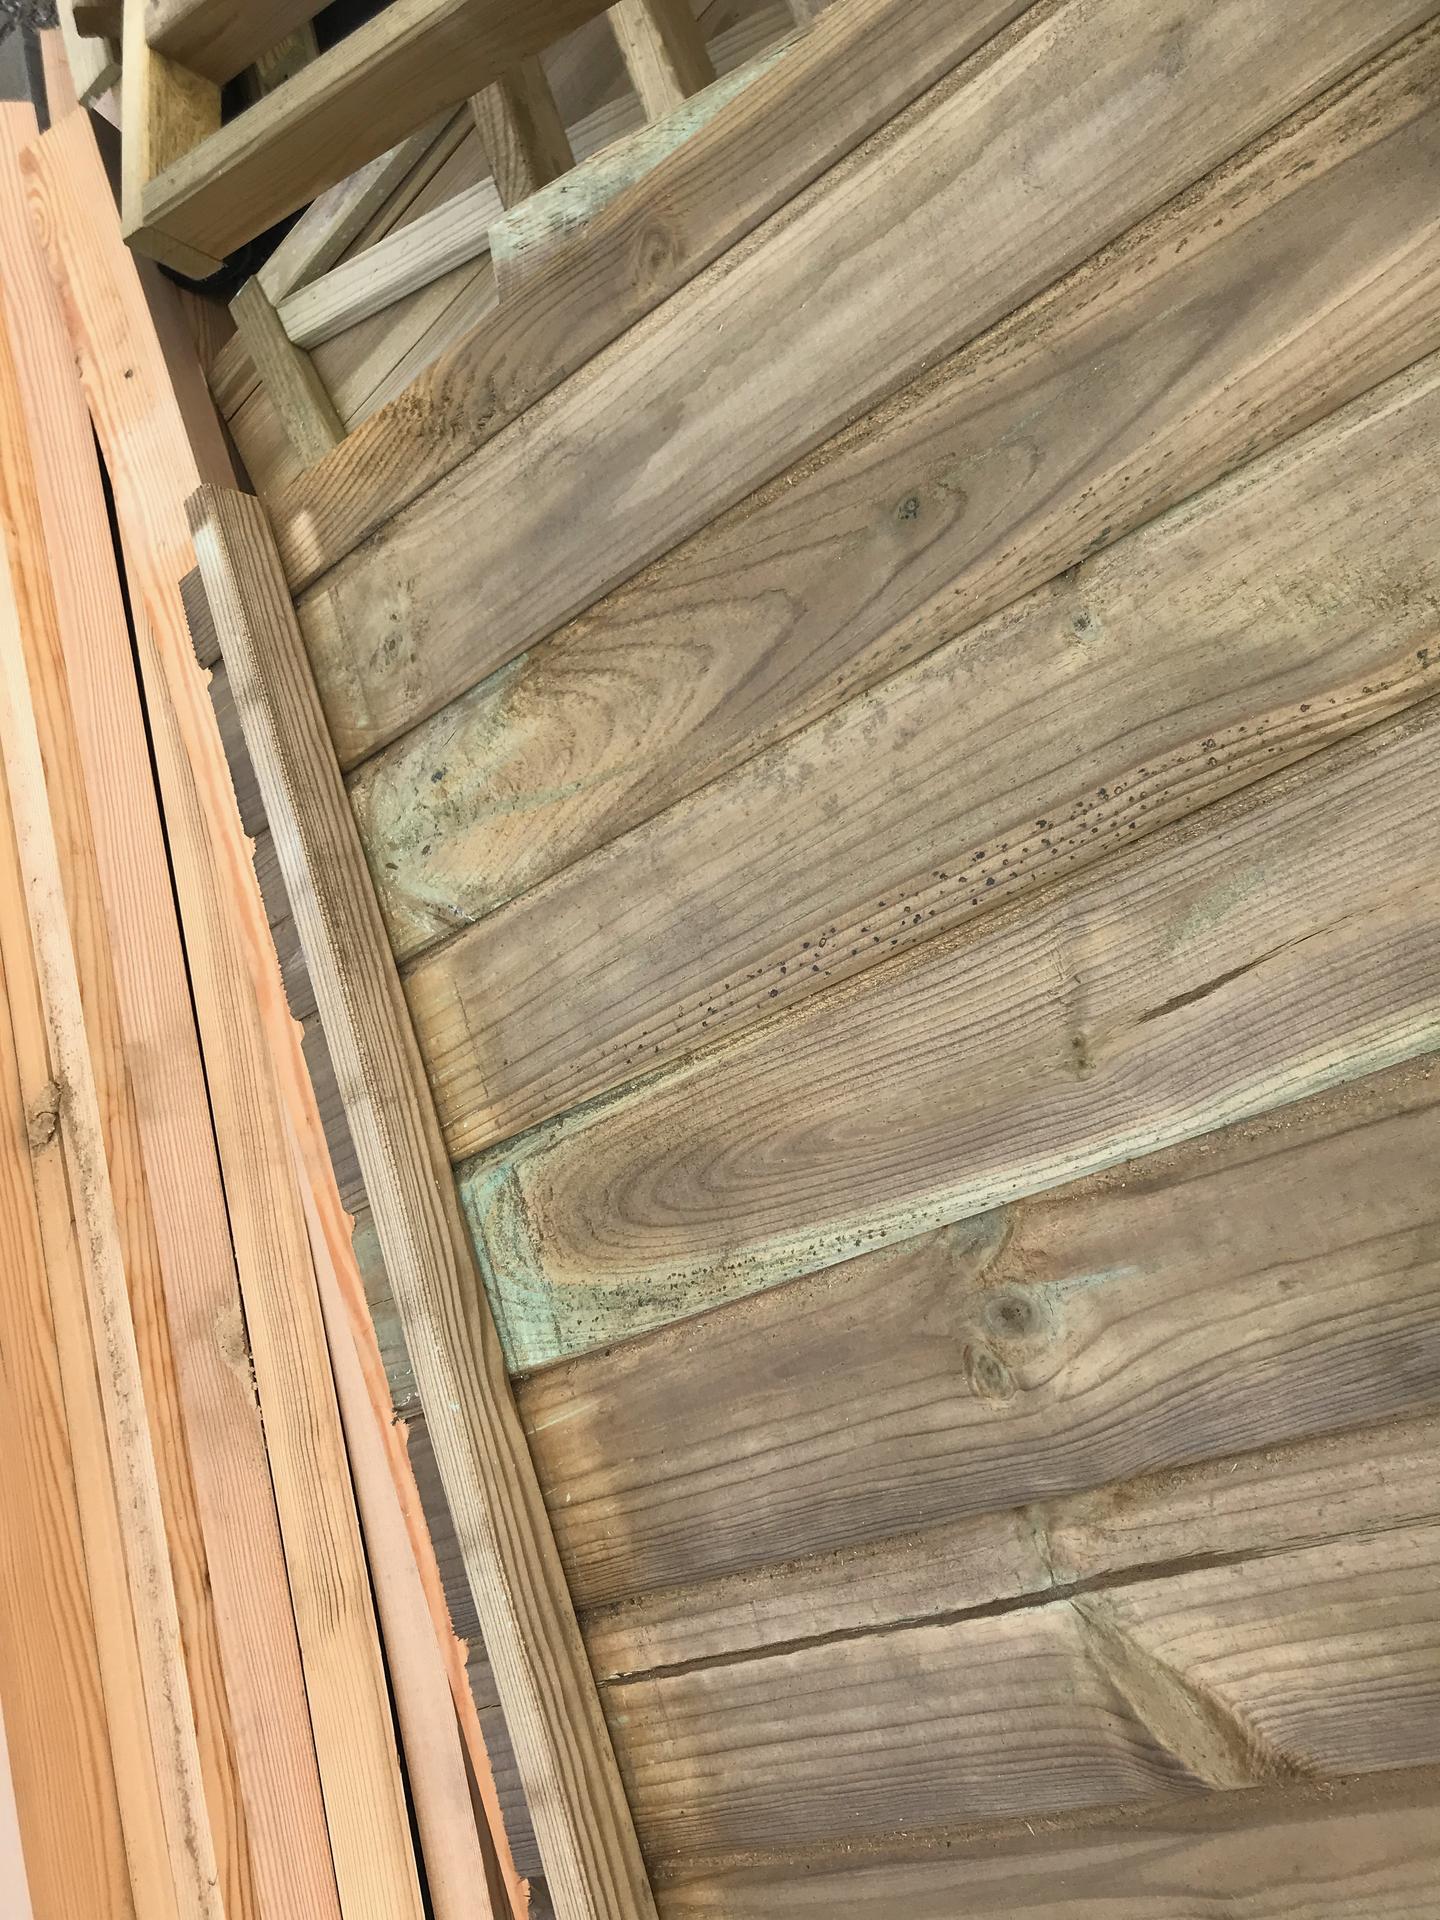 Prosím o radu, je dřevo na fotkách napadené plísní? Jde mi o případné ošetření, děkuji - Obrázek č. 2